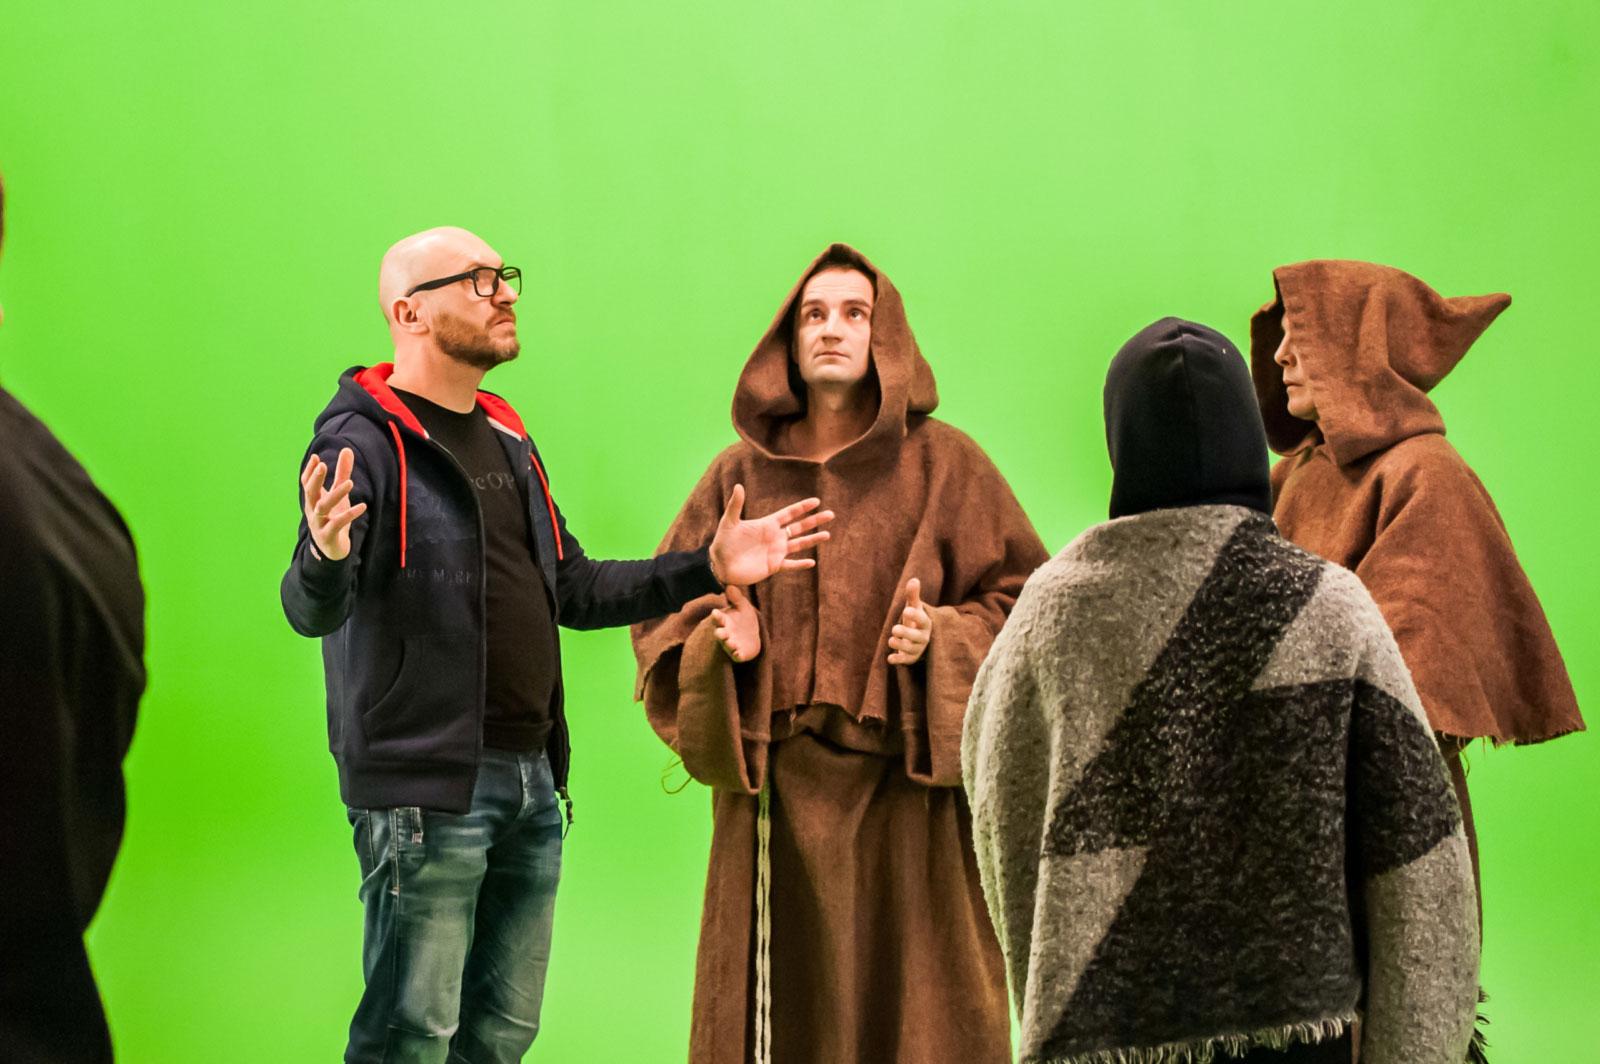 AXiiO's Oleg Nikolaenko directing people dressed as monks in front of a greenscreen.